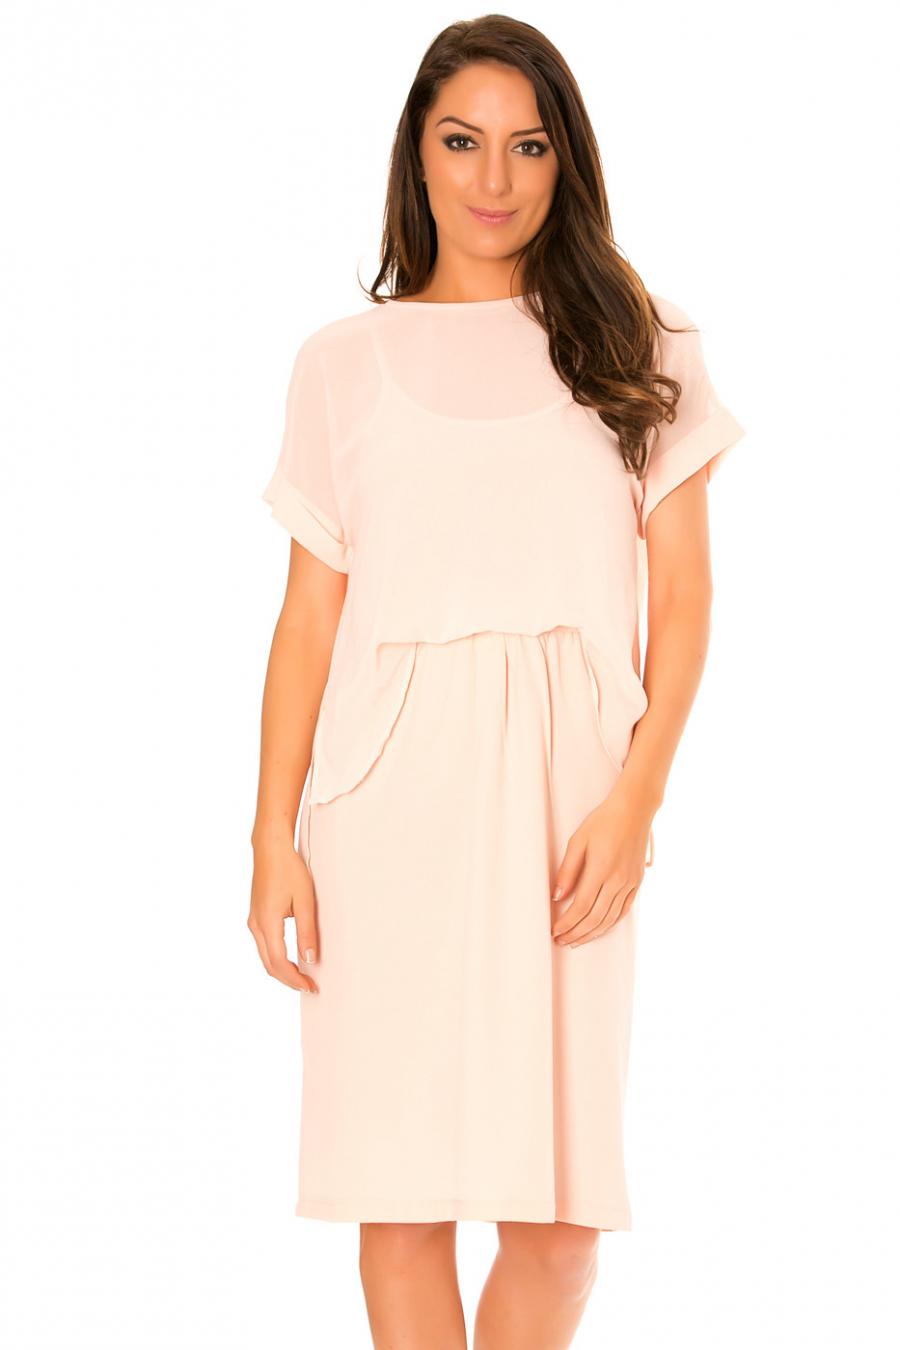 Robe rose en voilage, style 2 pièces jupe et top. F5562